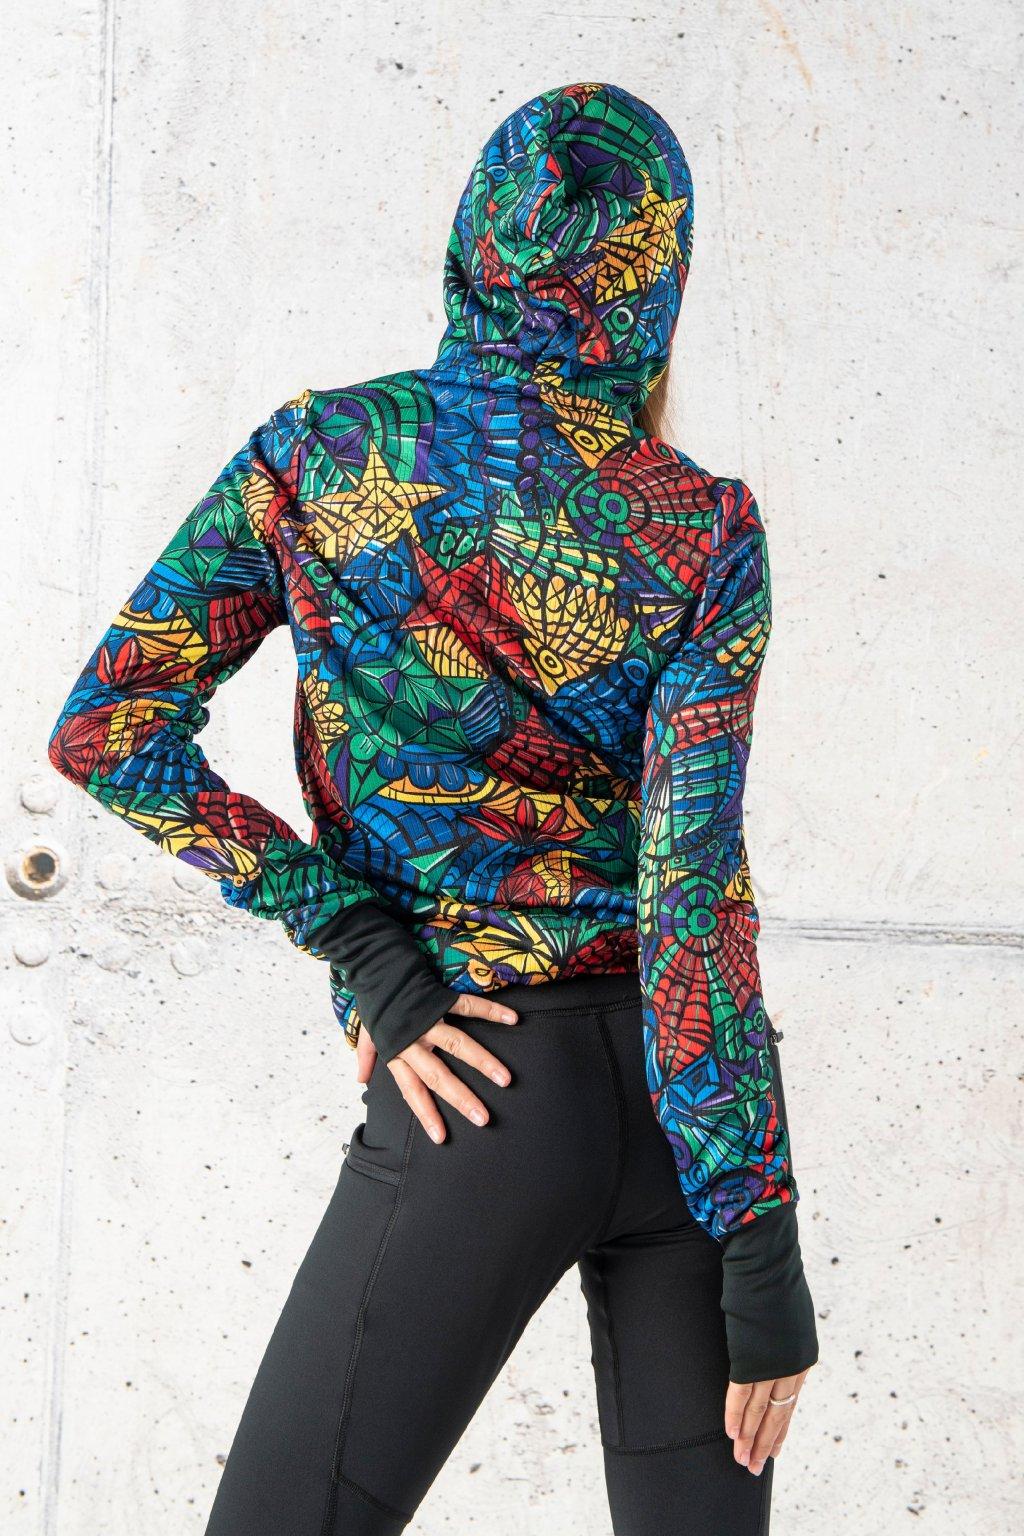 Běžecká bunda mosaic lumo hrdk 12m4 1